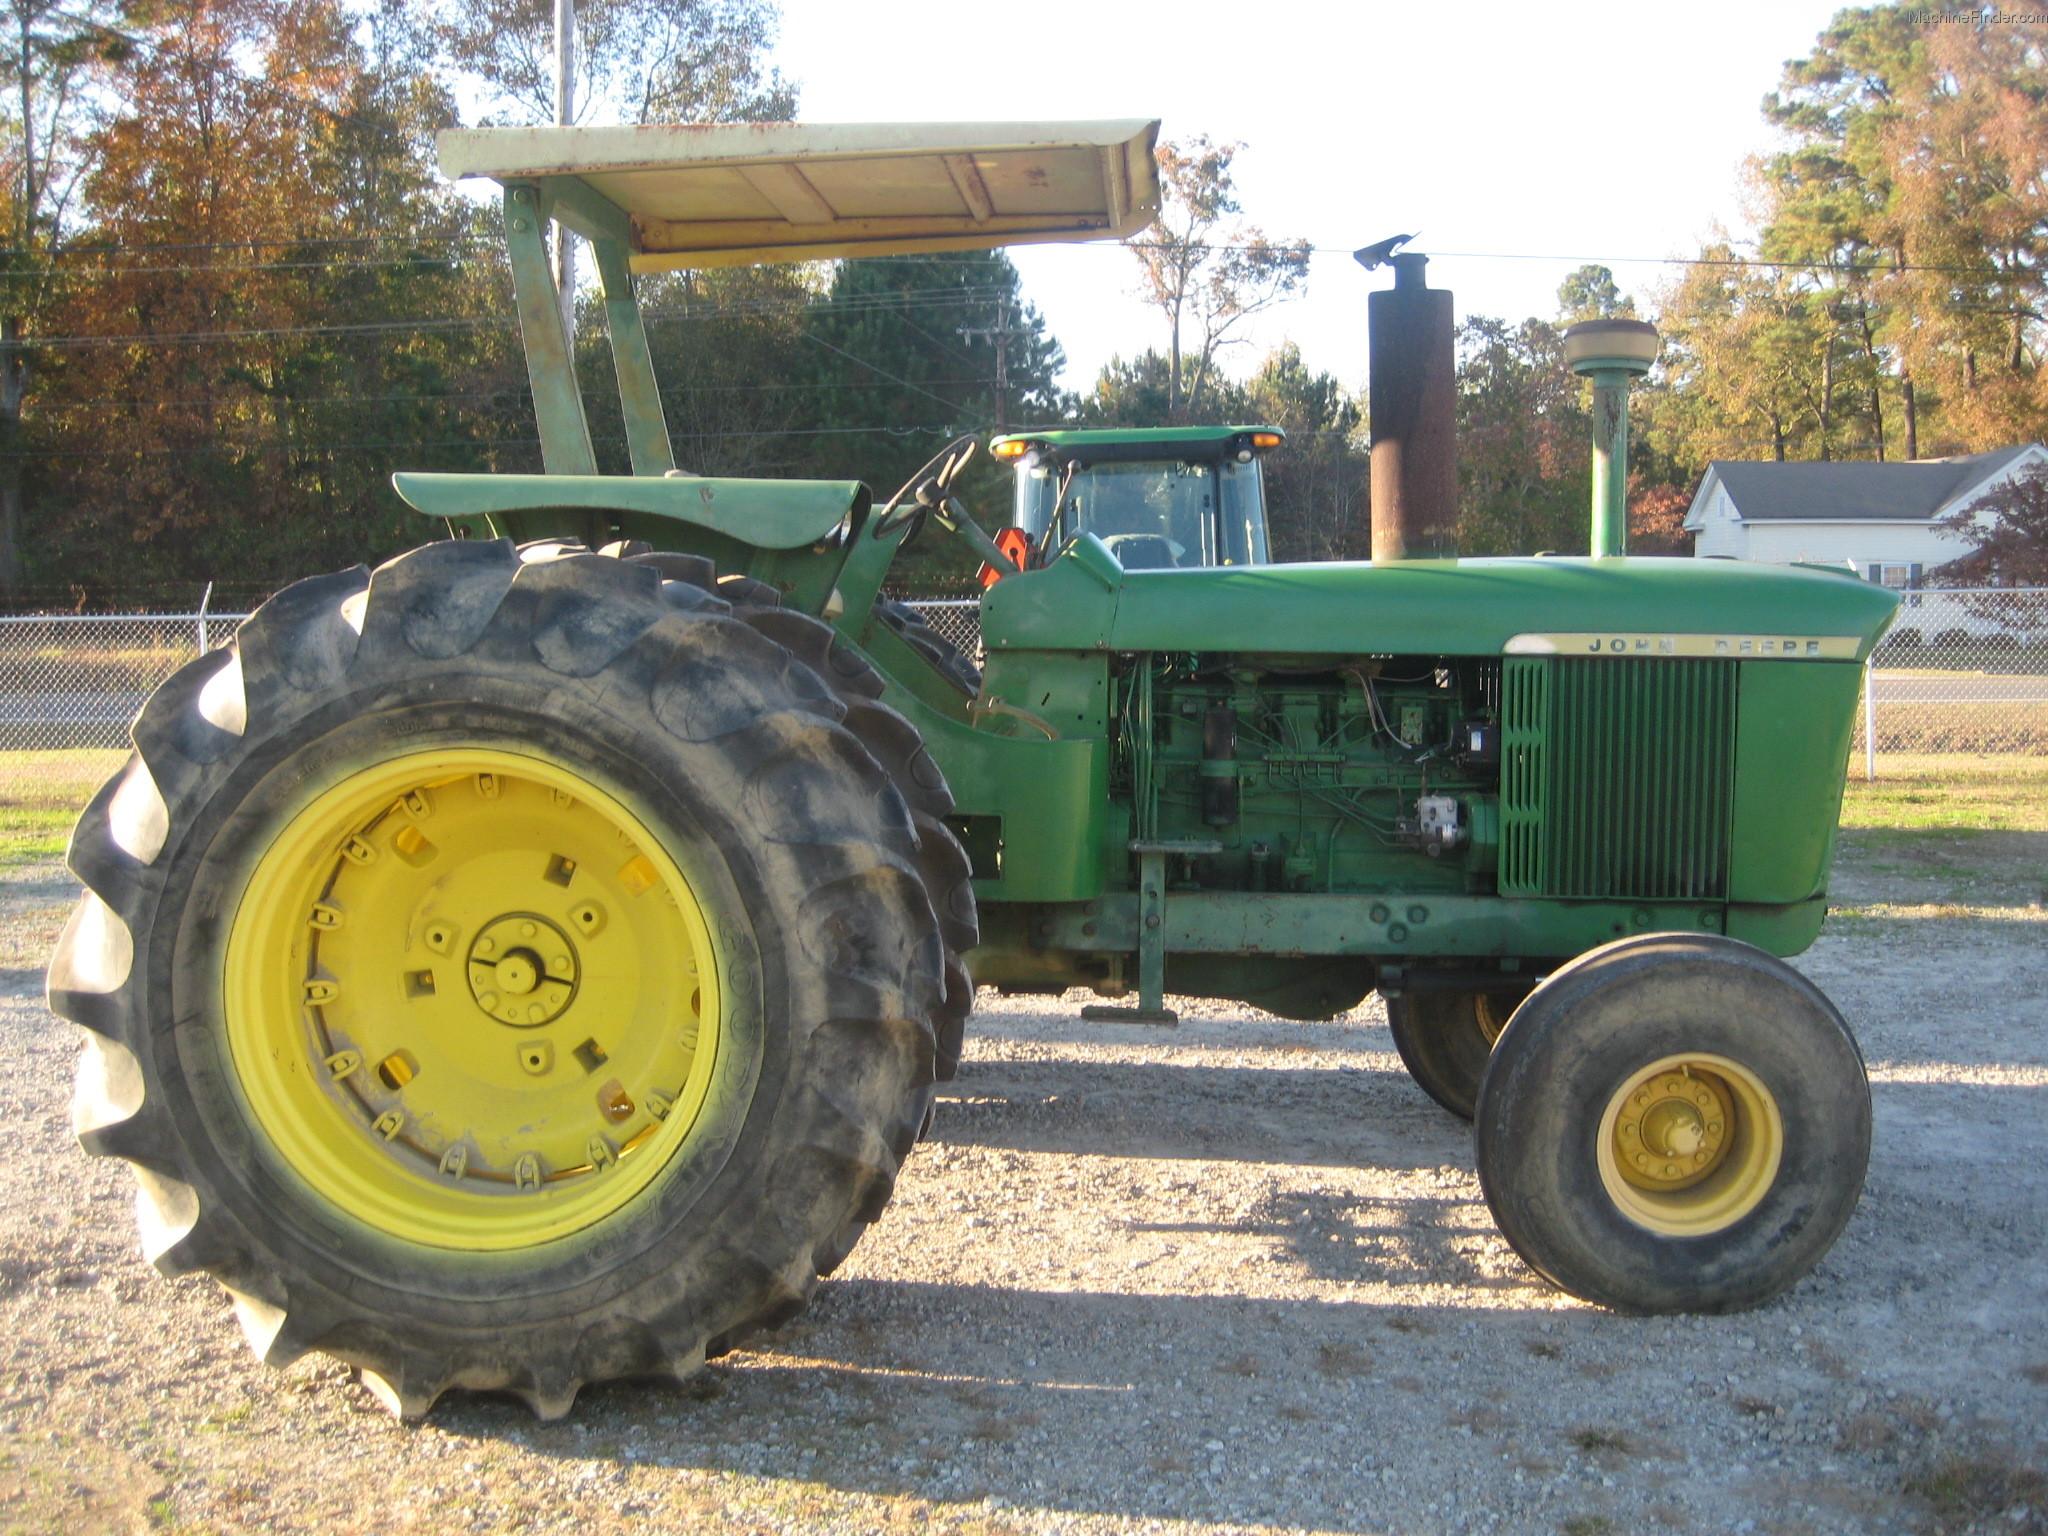 1966 John Deere 5020 Tractors - Row Crop (+100hp) - John ...